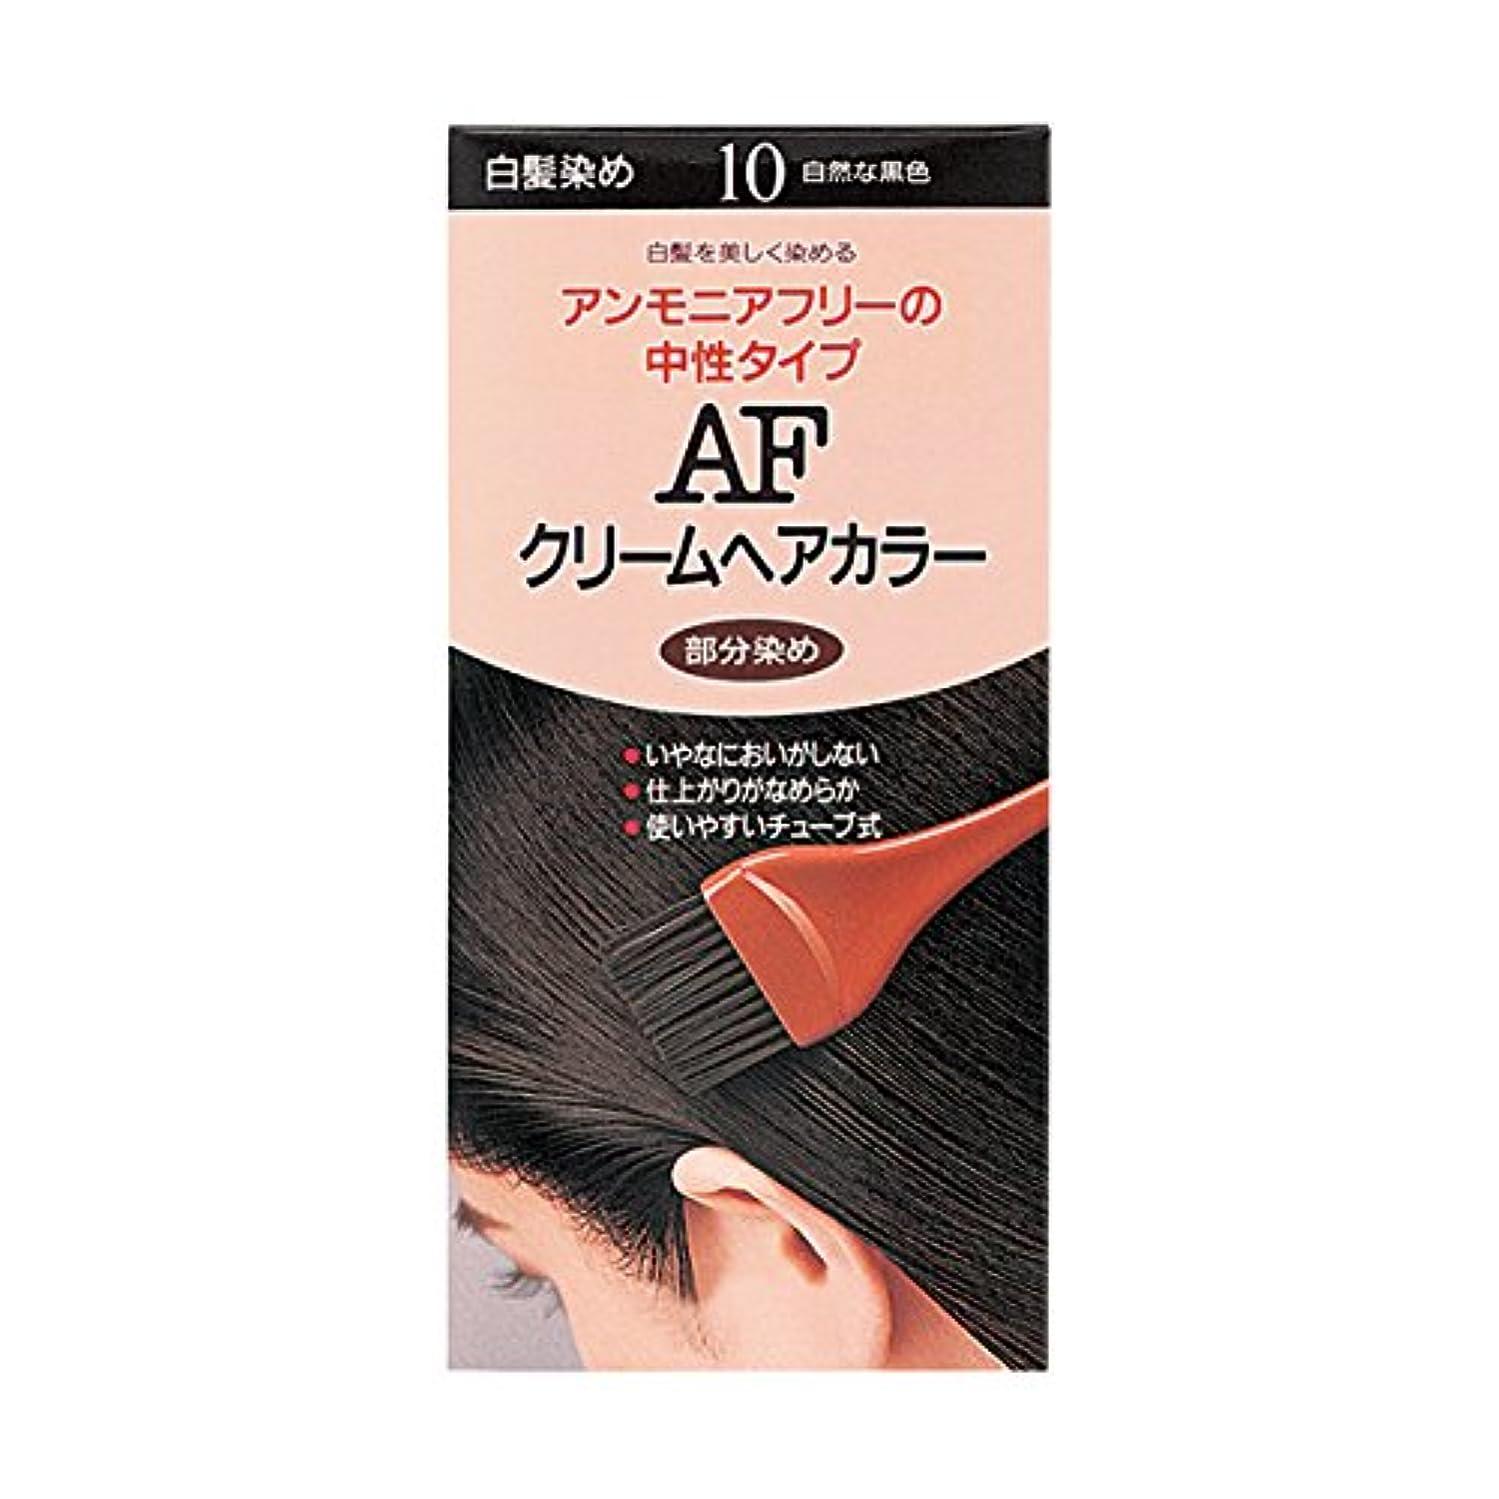 樹木アクロバット尽きるヘアカラー AFクリームヘアカラー 10 【医薬部外品】